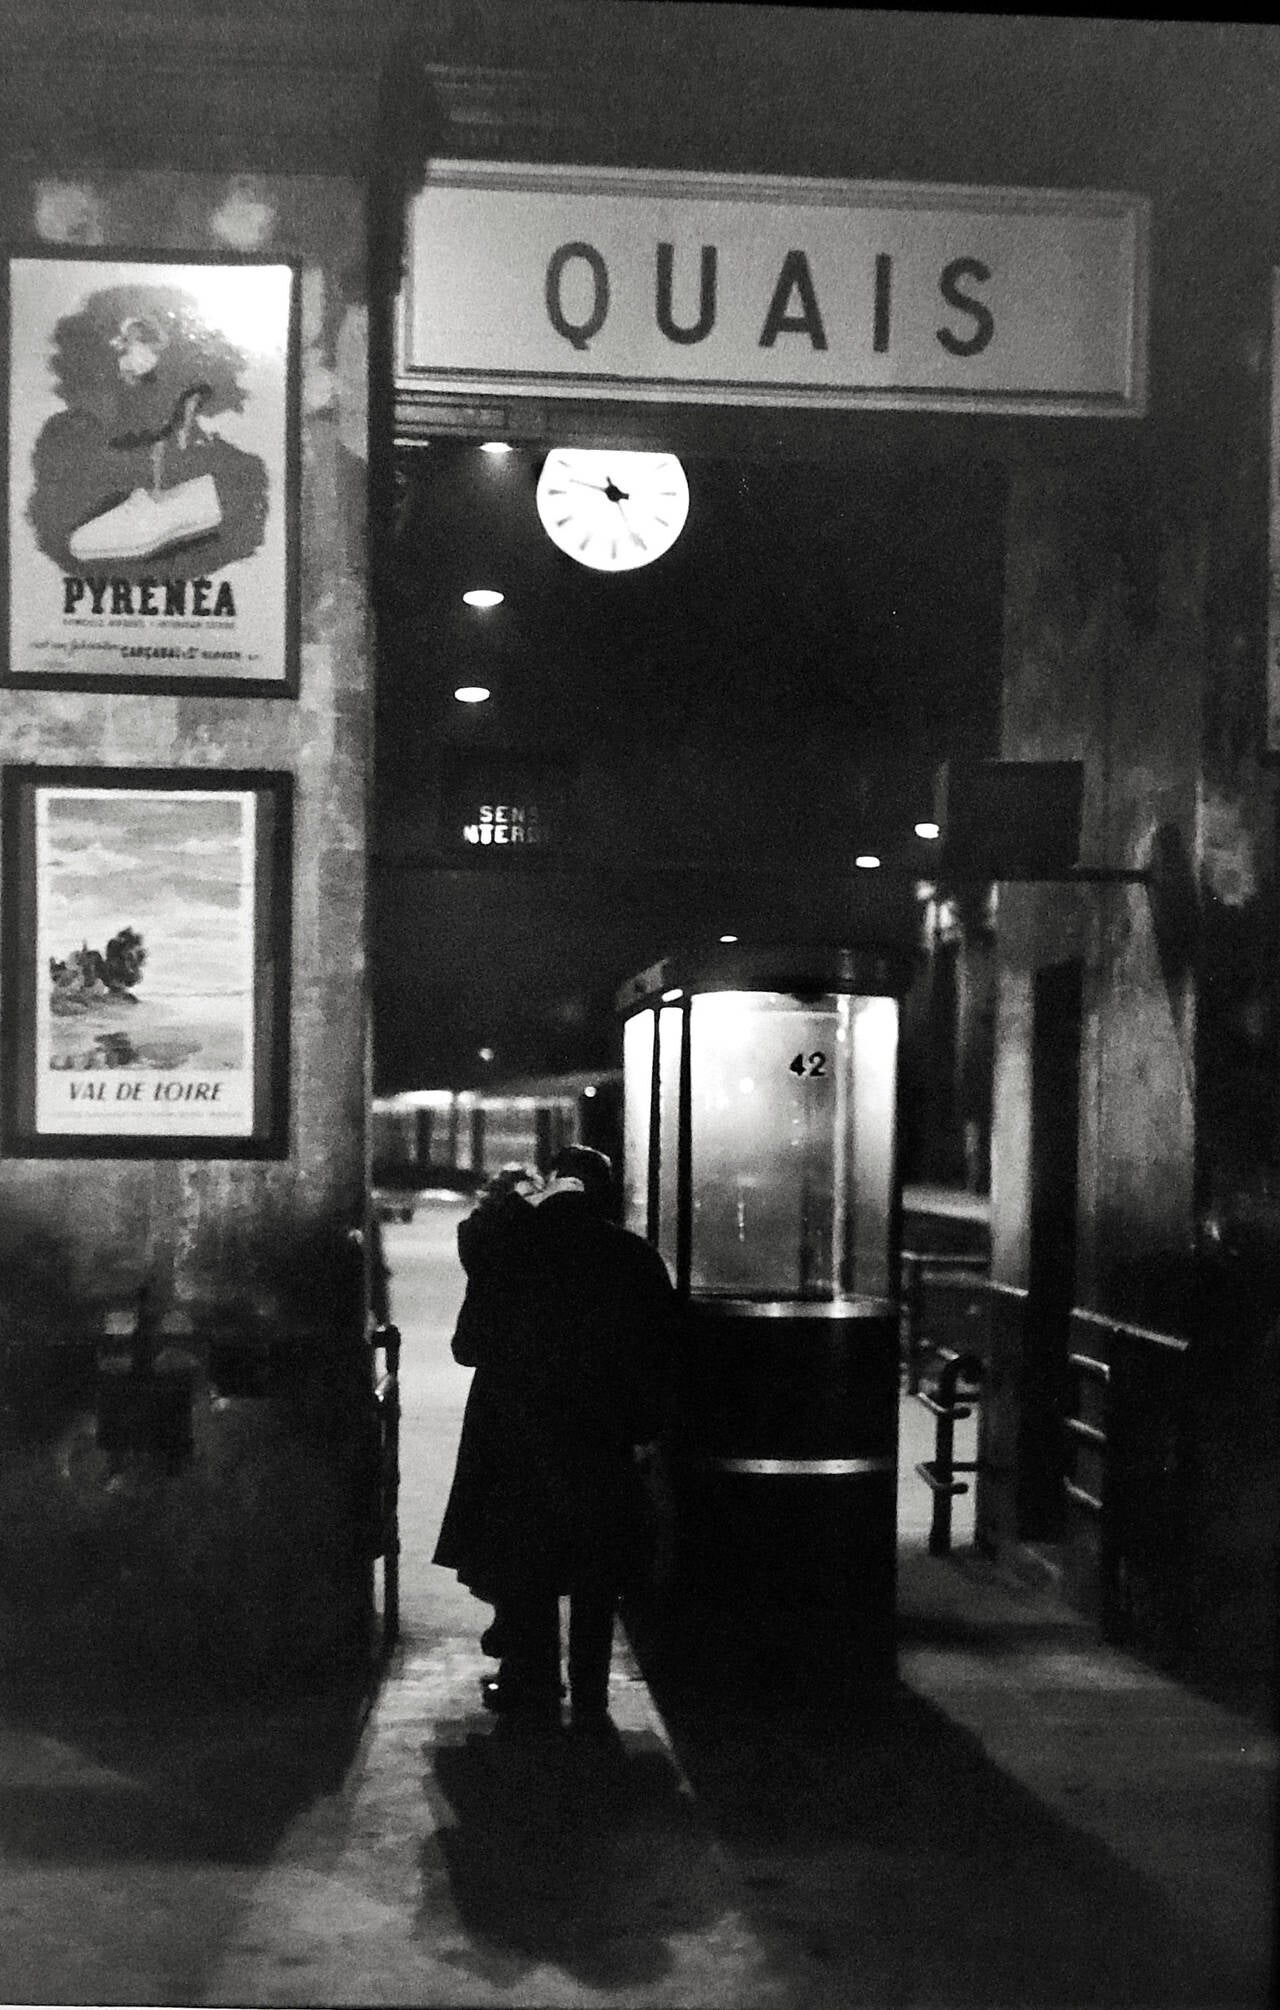 Железнодорожный вокзал, Париж, 1958. Фотограф Анри Картье-Брессон